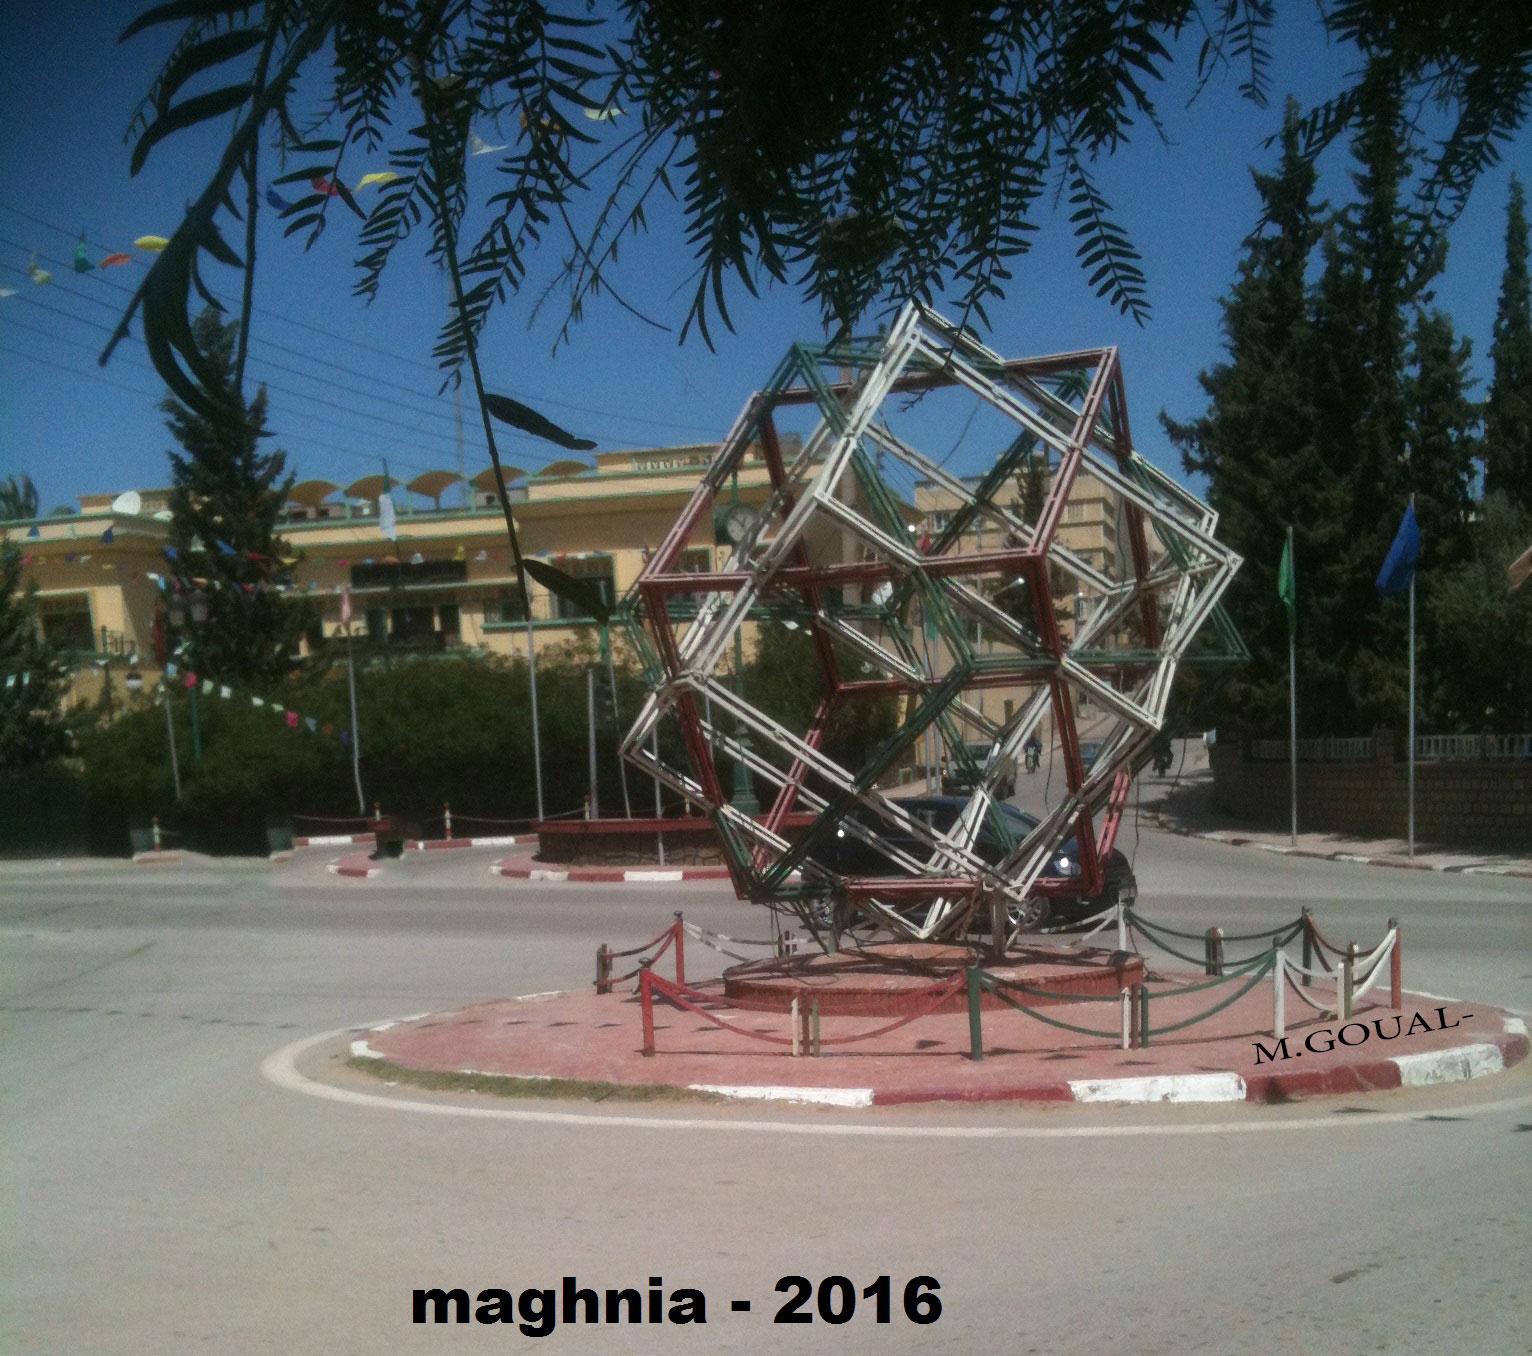 Maghnia - W de Tlemcen - Algérie